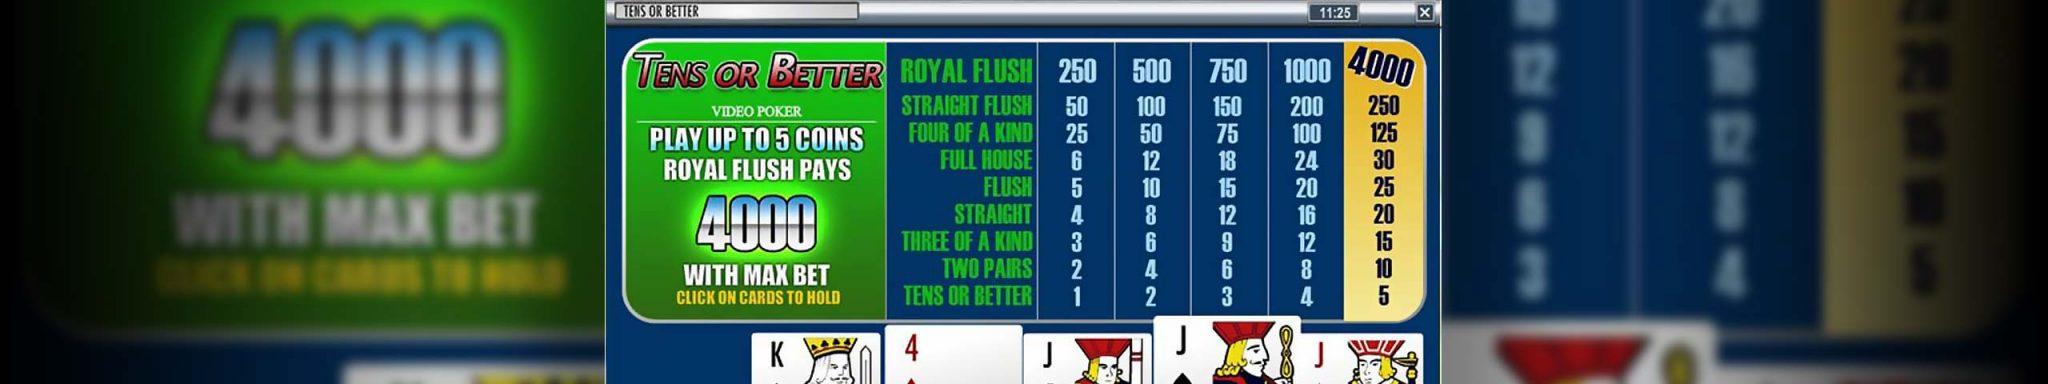 Video poker Tens Or Better, Rival Slider - Himmelspill.com